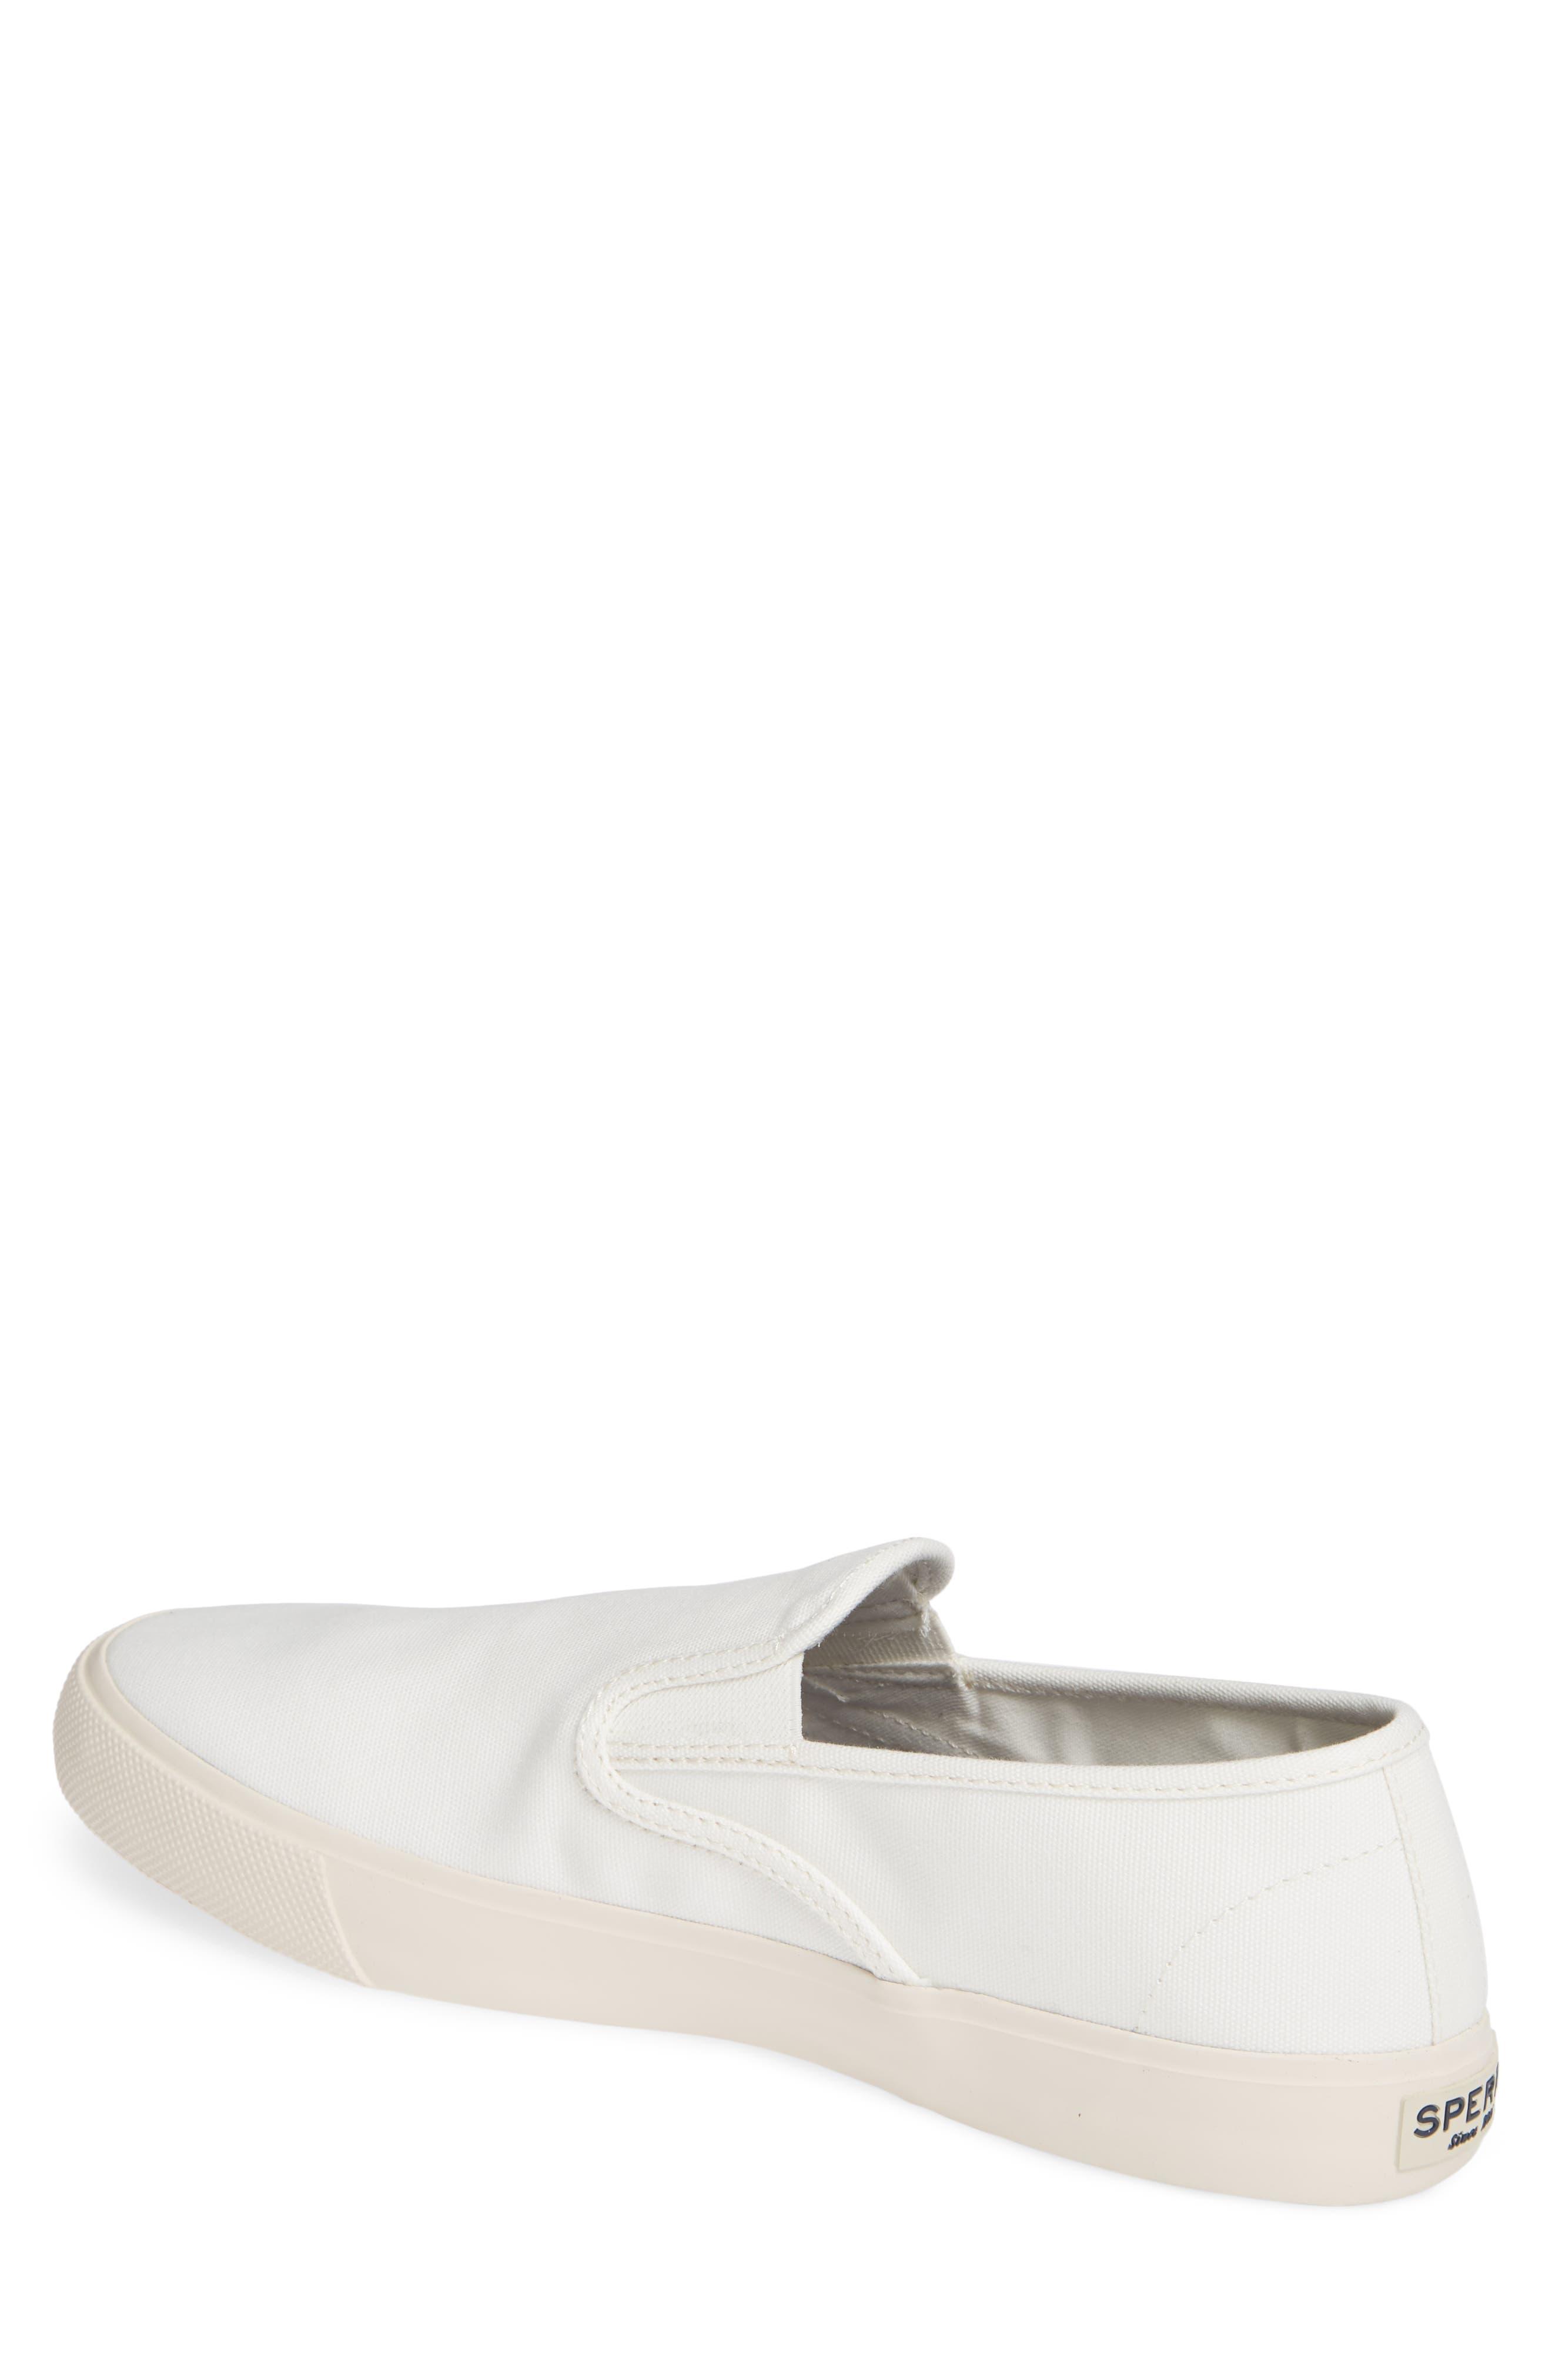 Striper II Slip-On Sneaker,                             Alternate thumbnail 2, color,                             WHITE